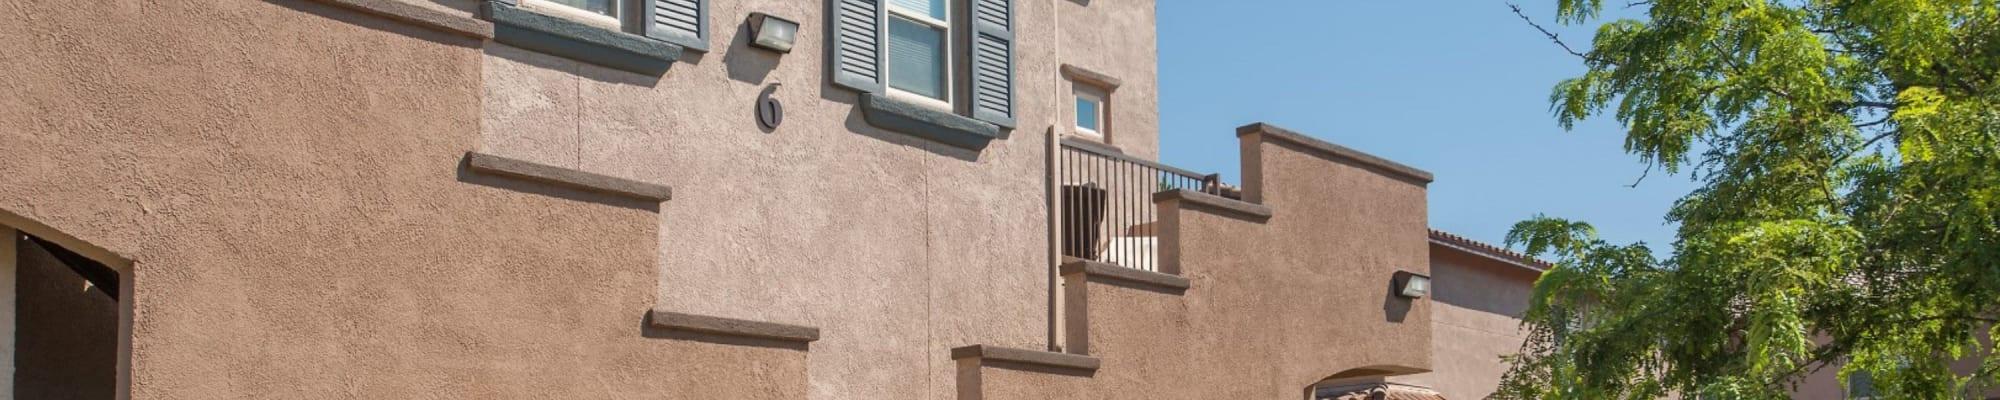 Resident perks at Venu at Galleria Condominium Rentals in Roseville, California